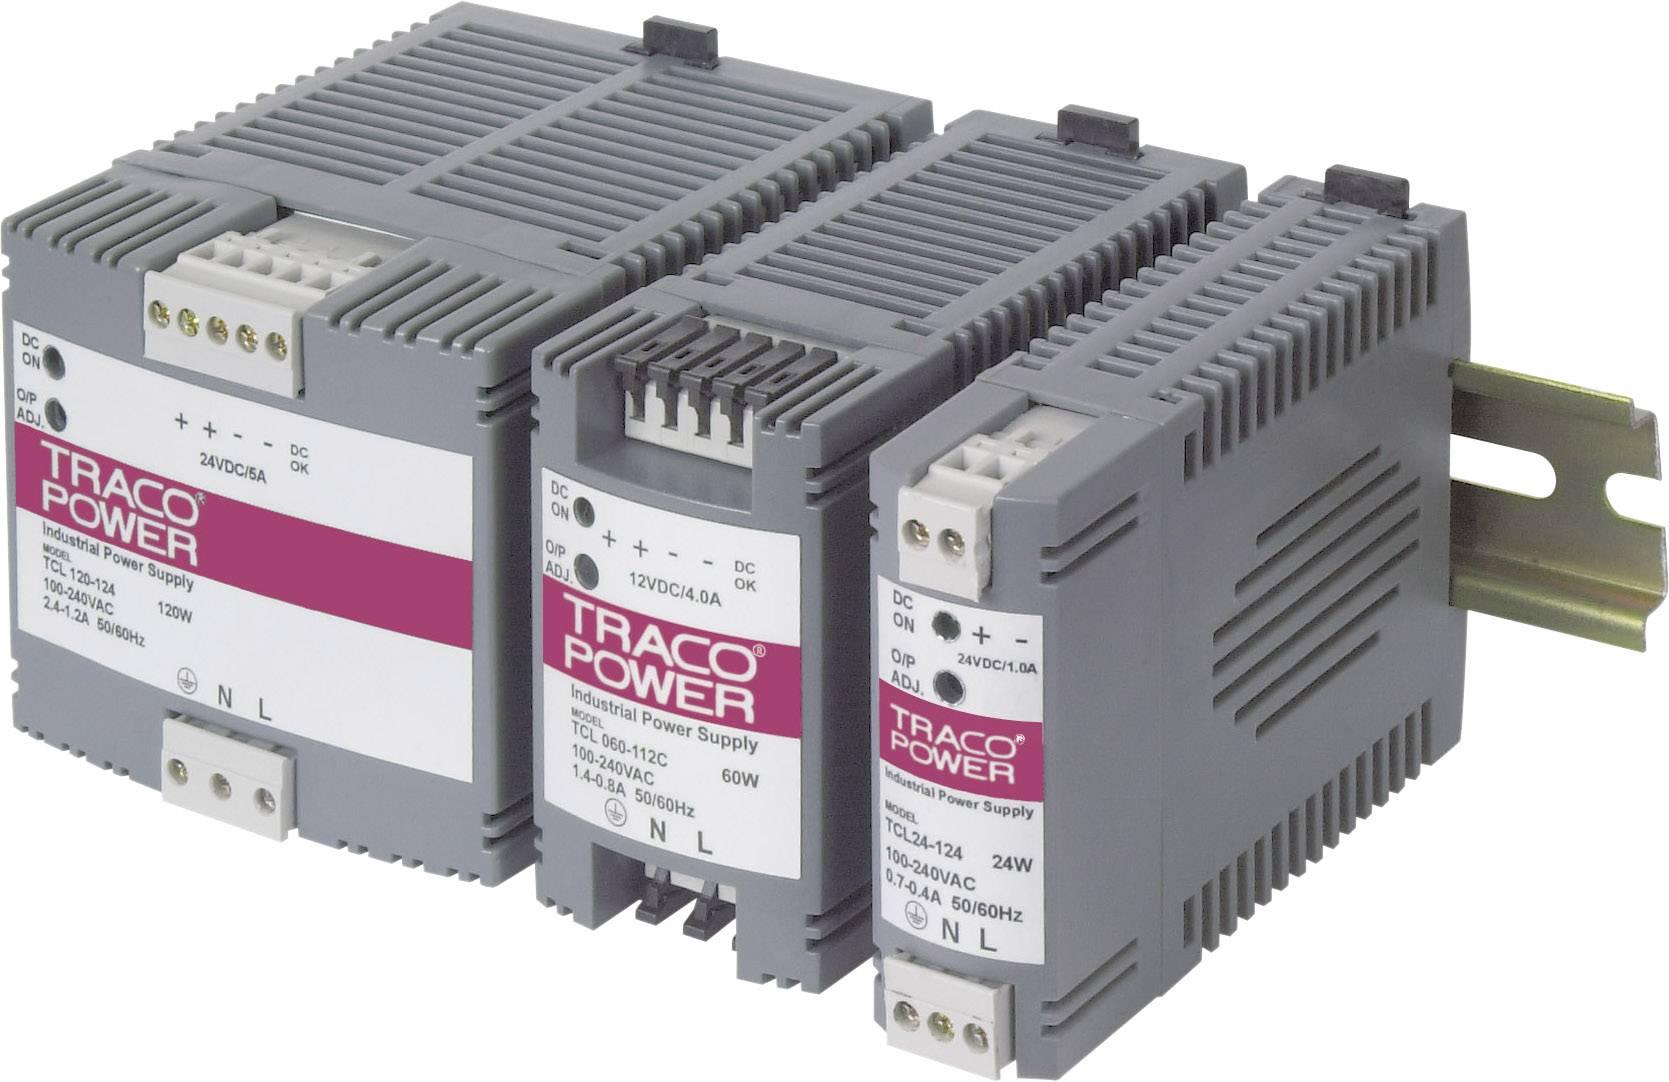 Sieťový zdroj na montážnu lištu (DIN lištu) TracoPower TCL 024-124, 1 x, 24 V/DC, 1 A, 24 W